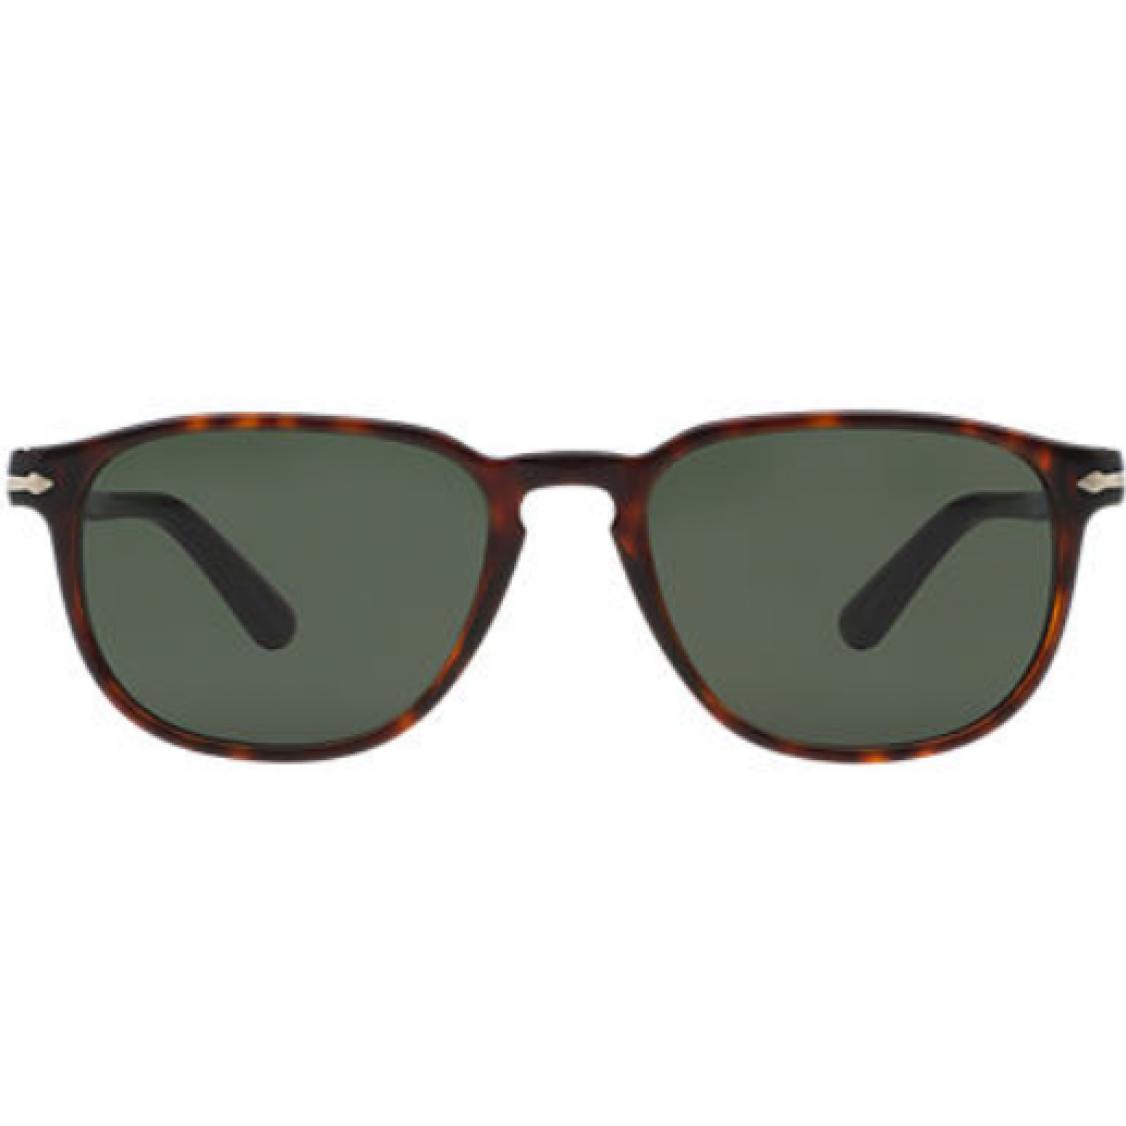 6e1258750db Persol - Square sunglasses €168